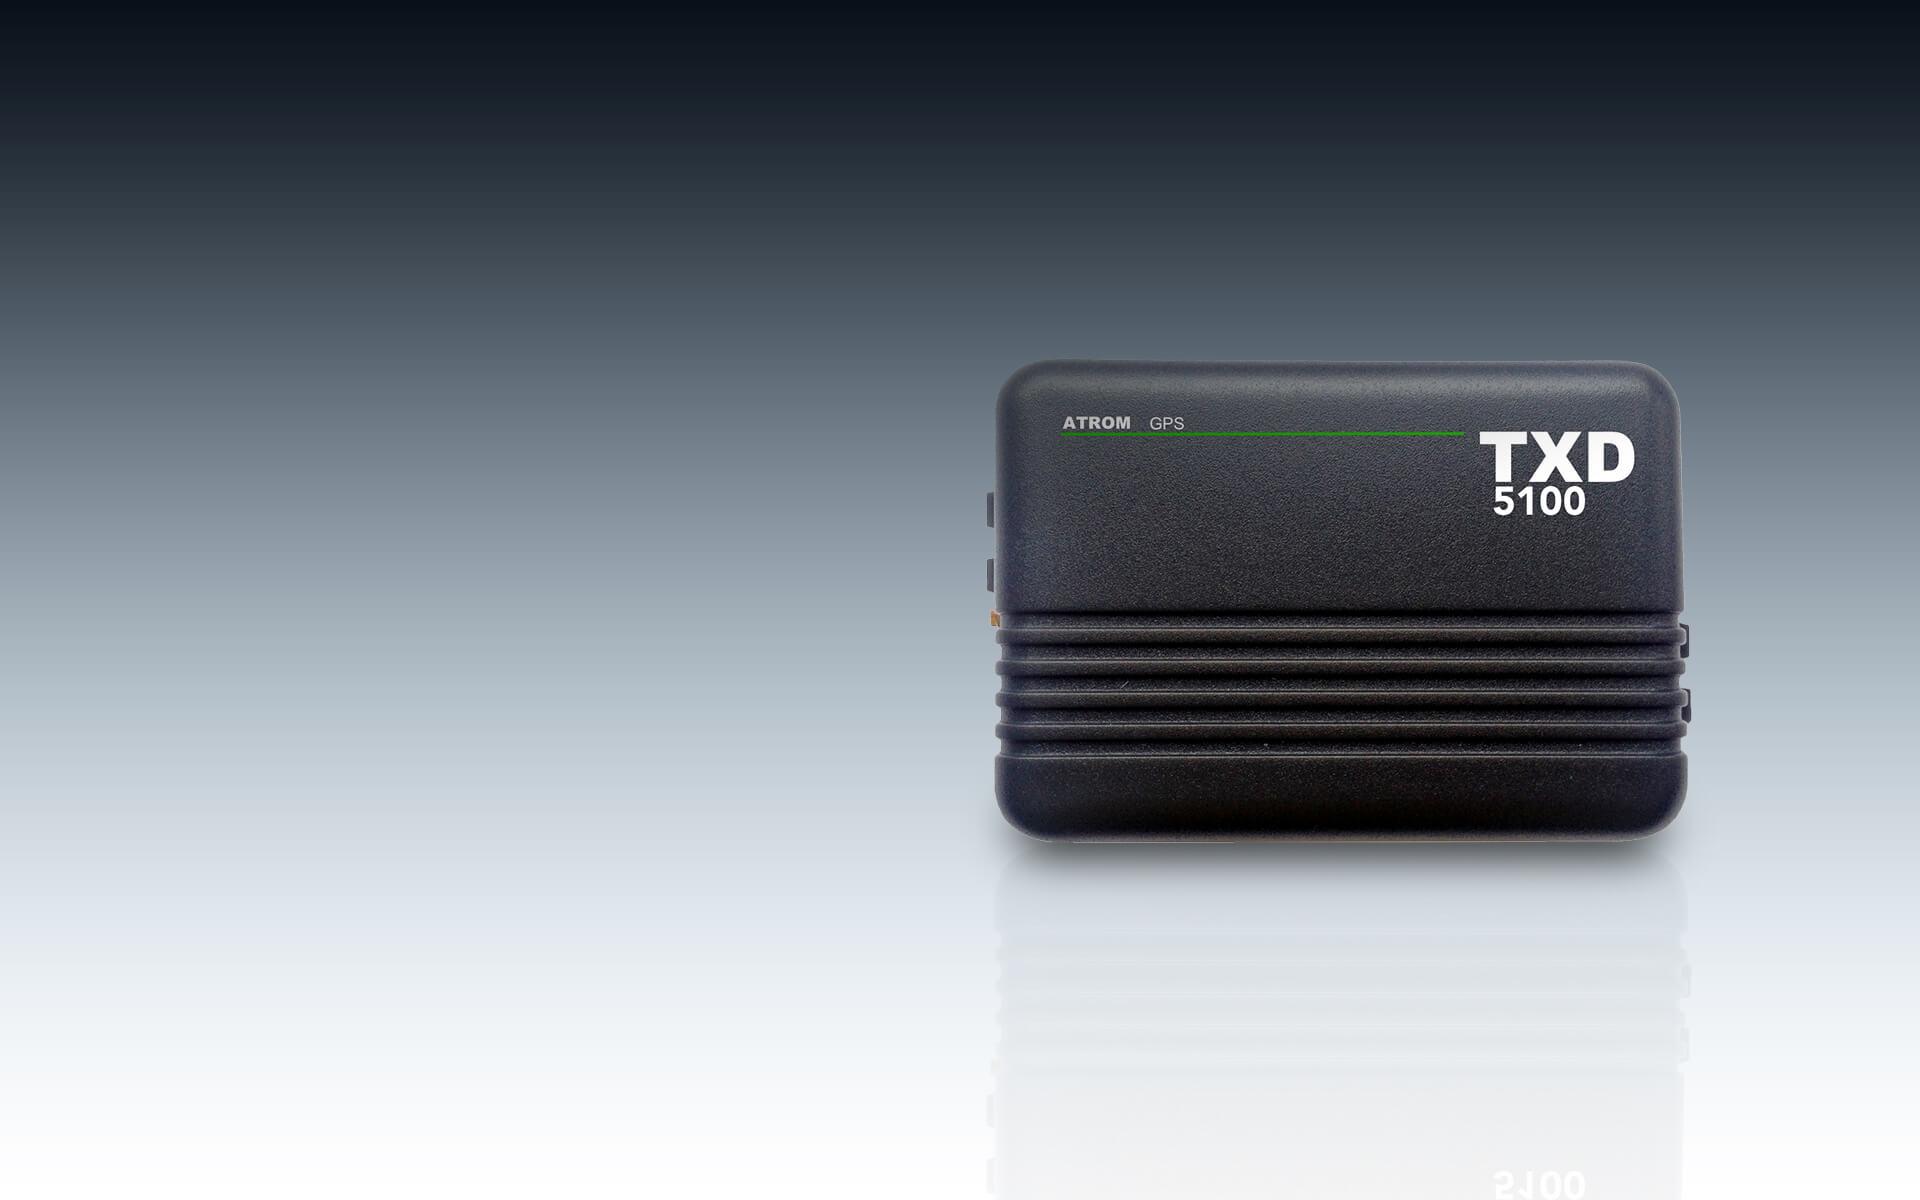 GPS-5100-TXD